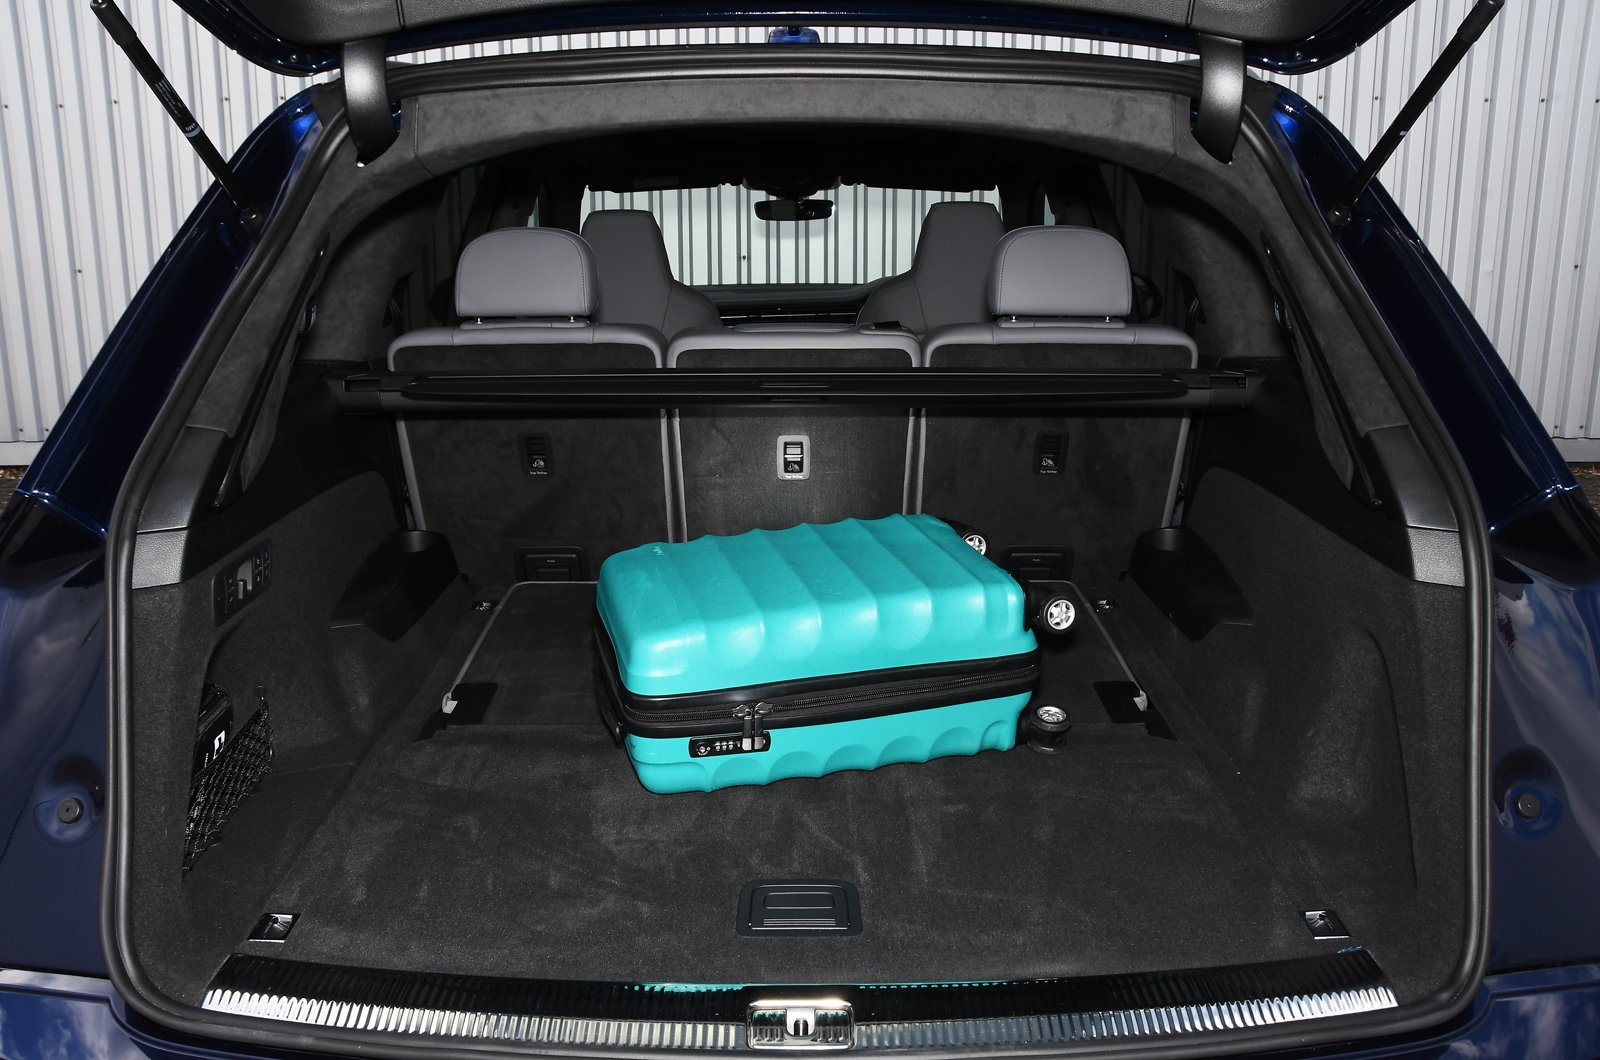 Audi Q7 2021 boot